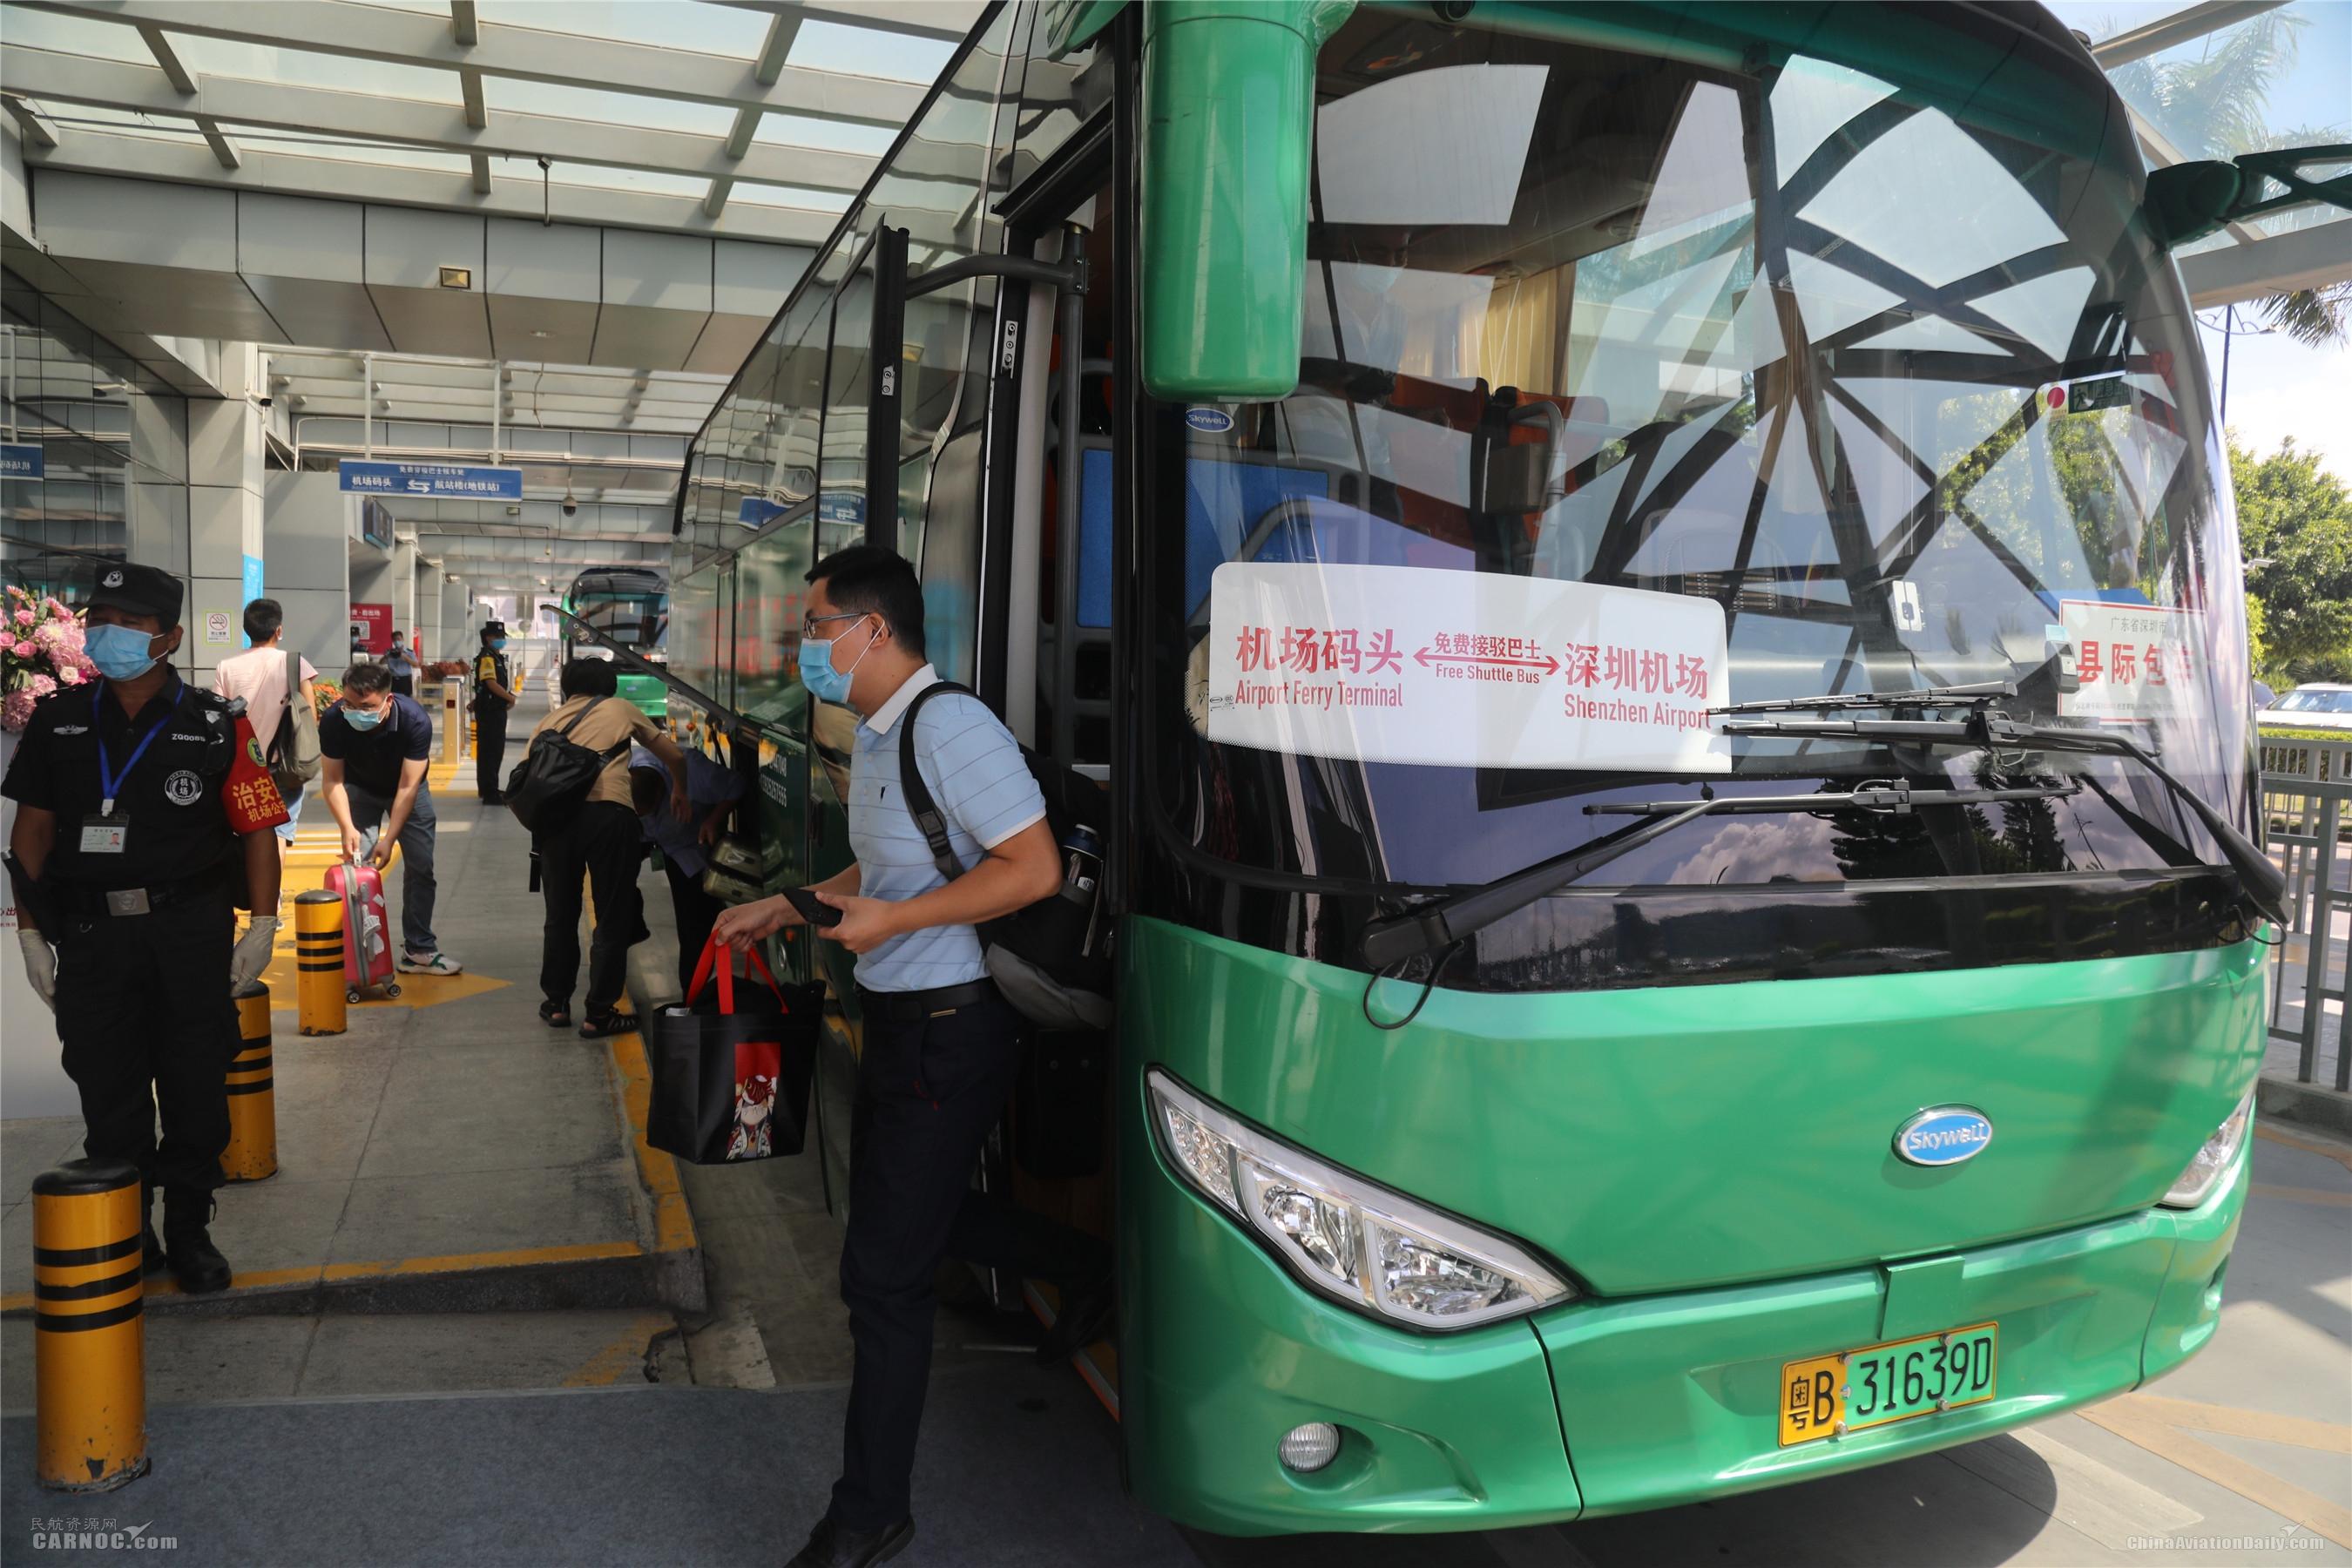 每天多班免费穿梭巴士往返深圳机场航站楼和机场码头,方便又快捷